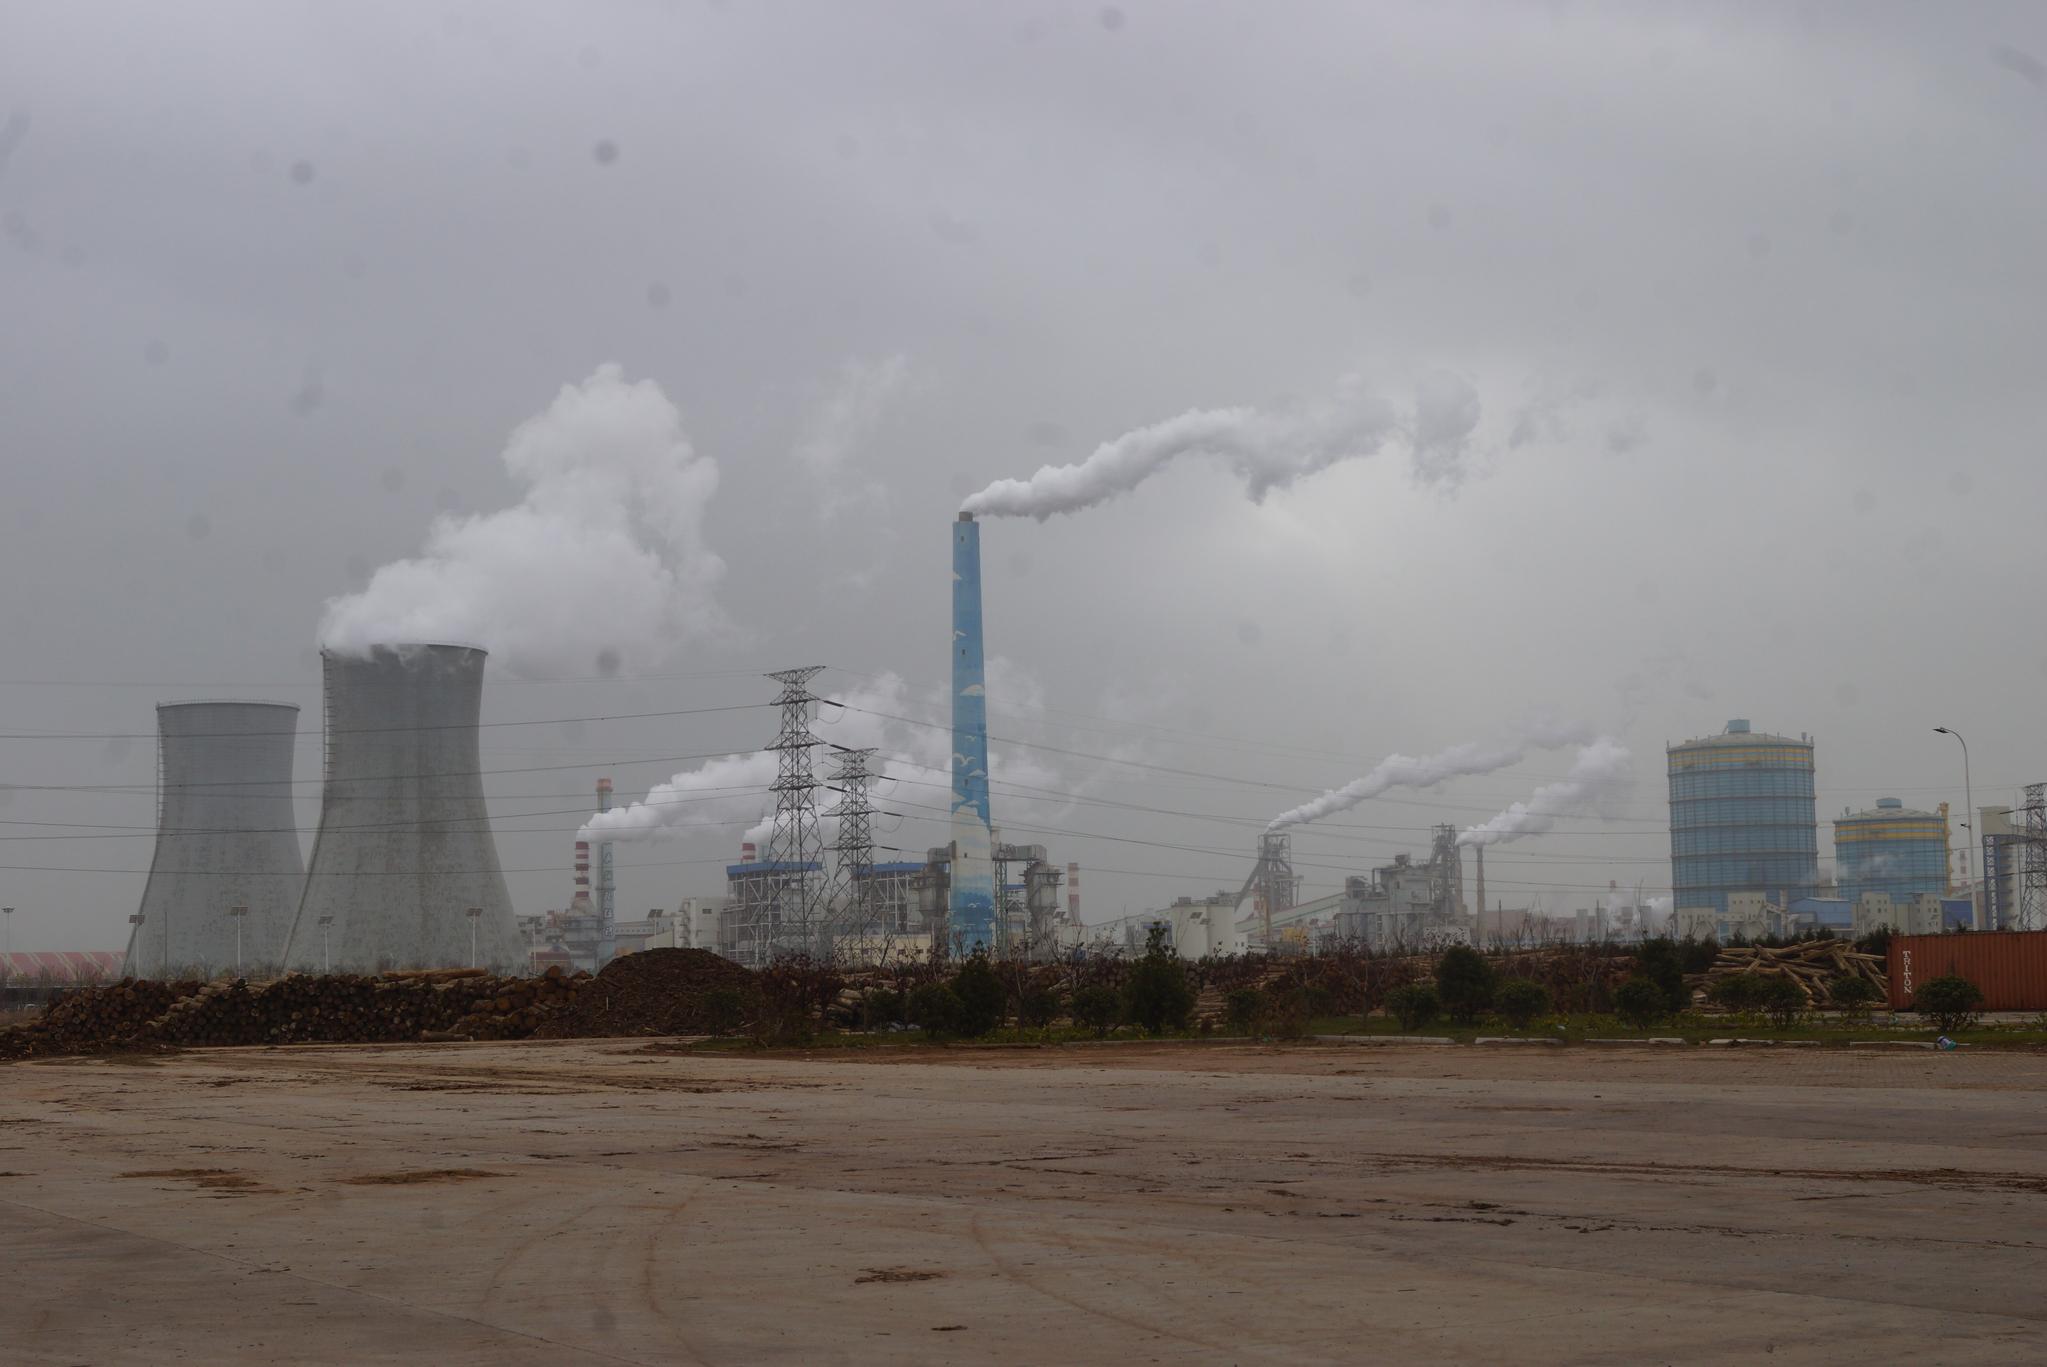 중국 산둥성의 철강공장. 강찬수 기자